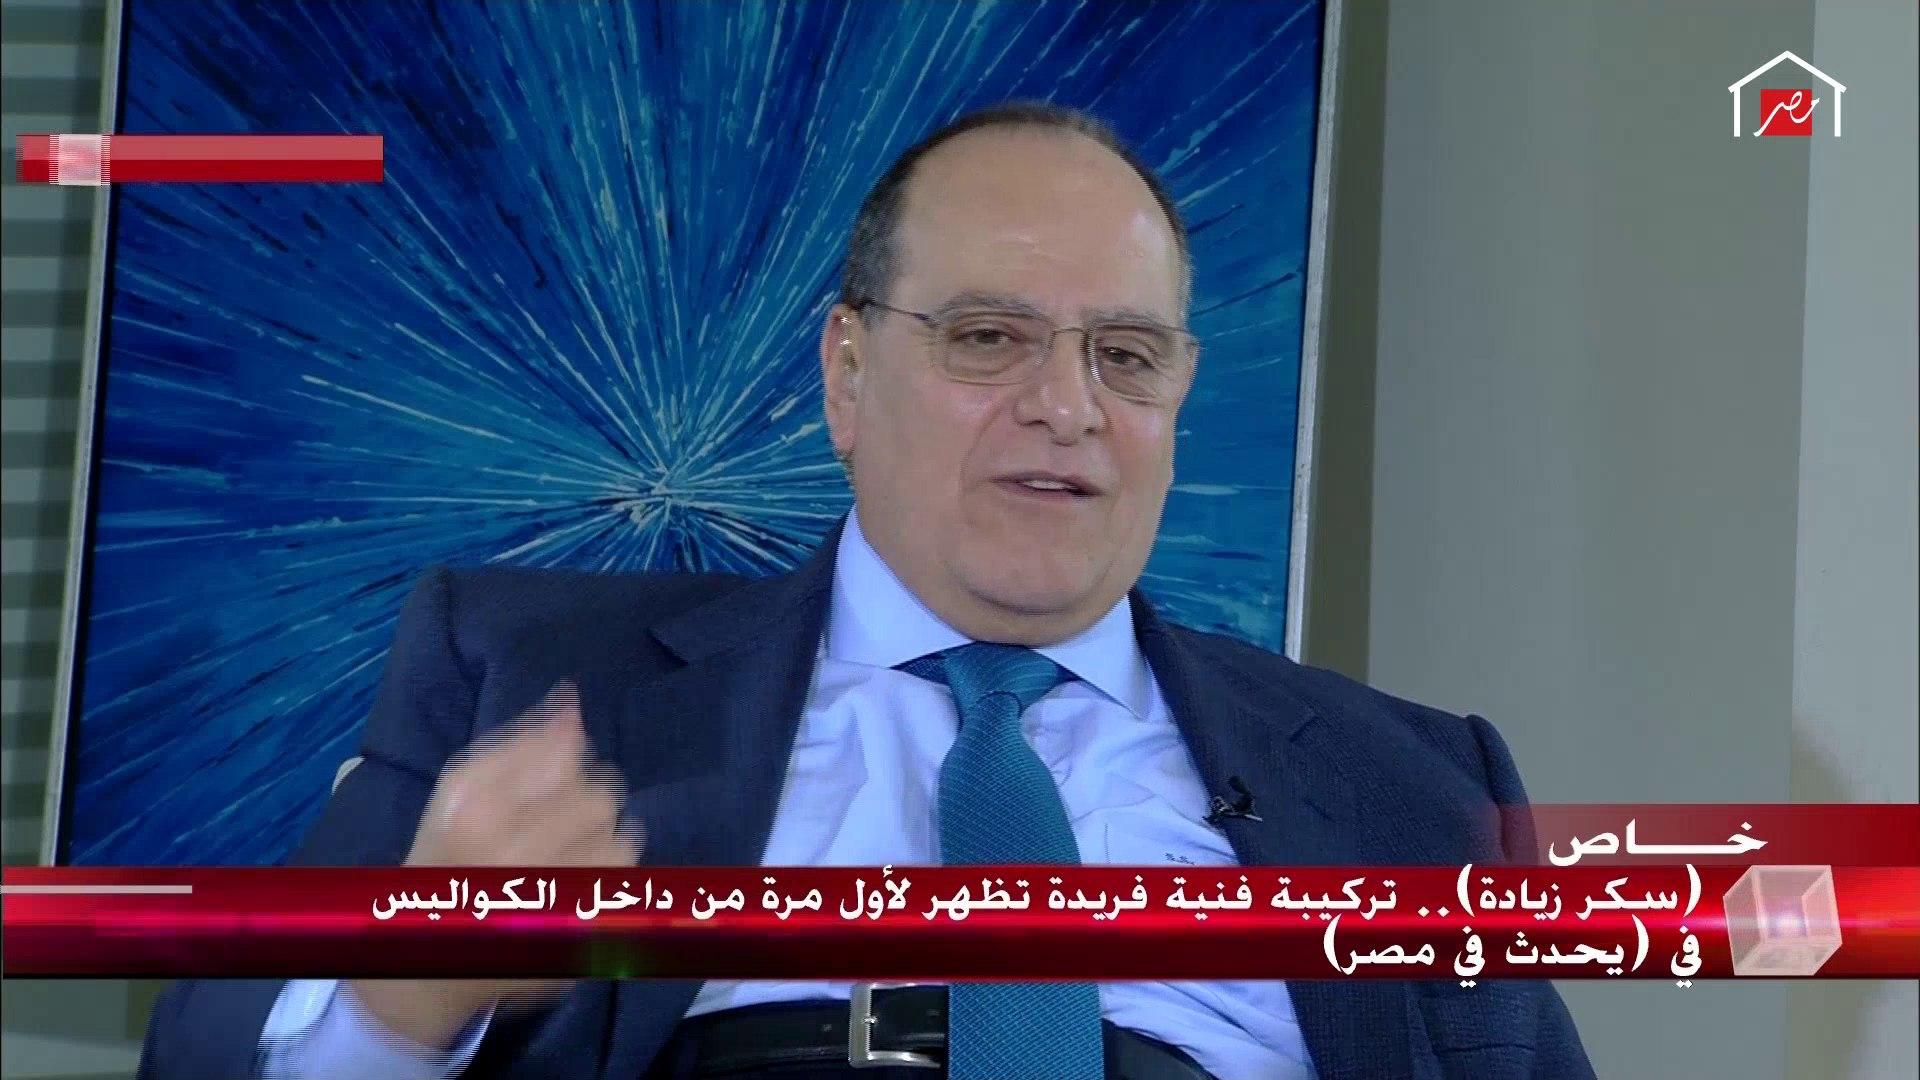 المنتج صادق الصباح يكشف عن أسماء ضيوف شرف مسلسل